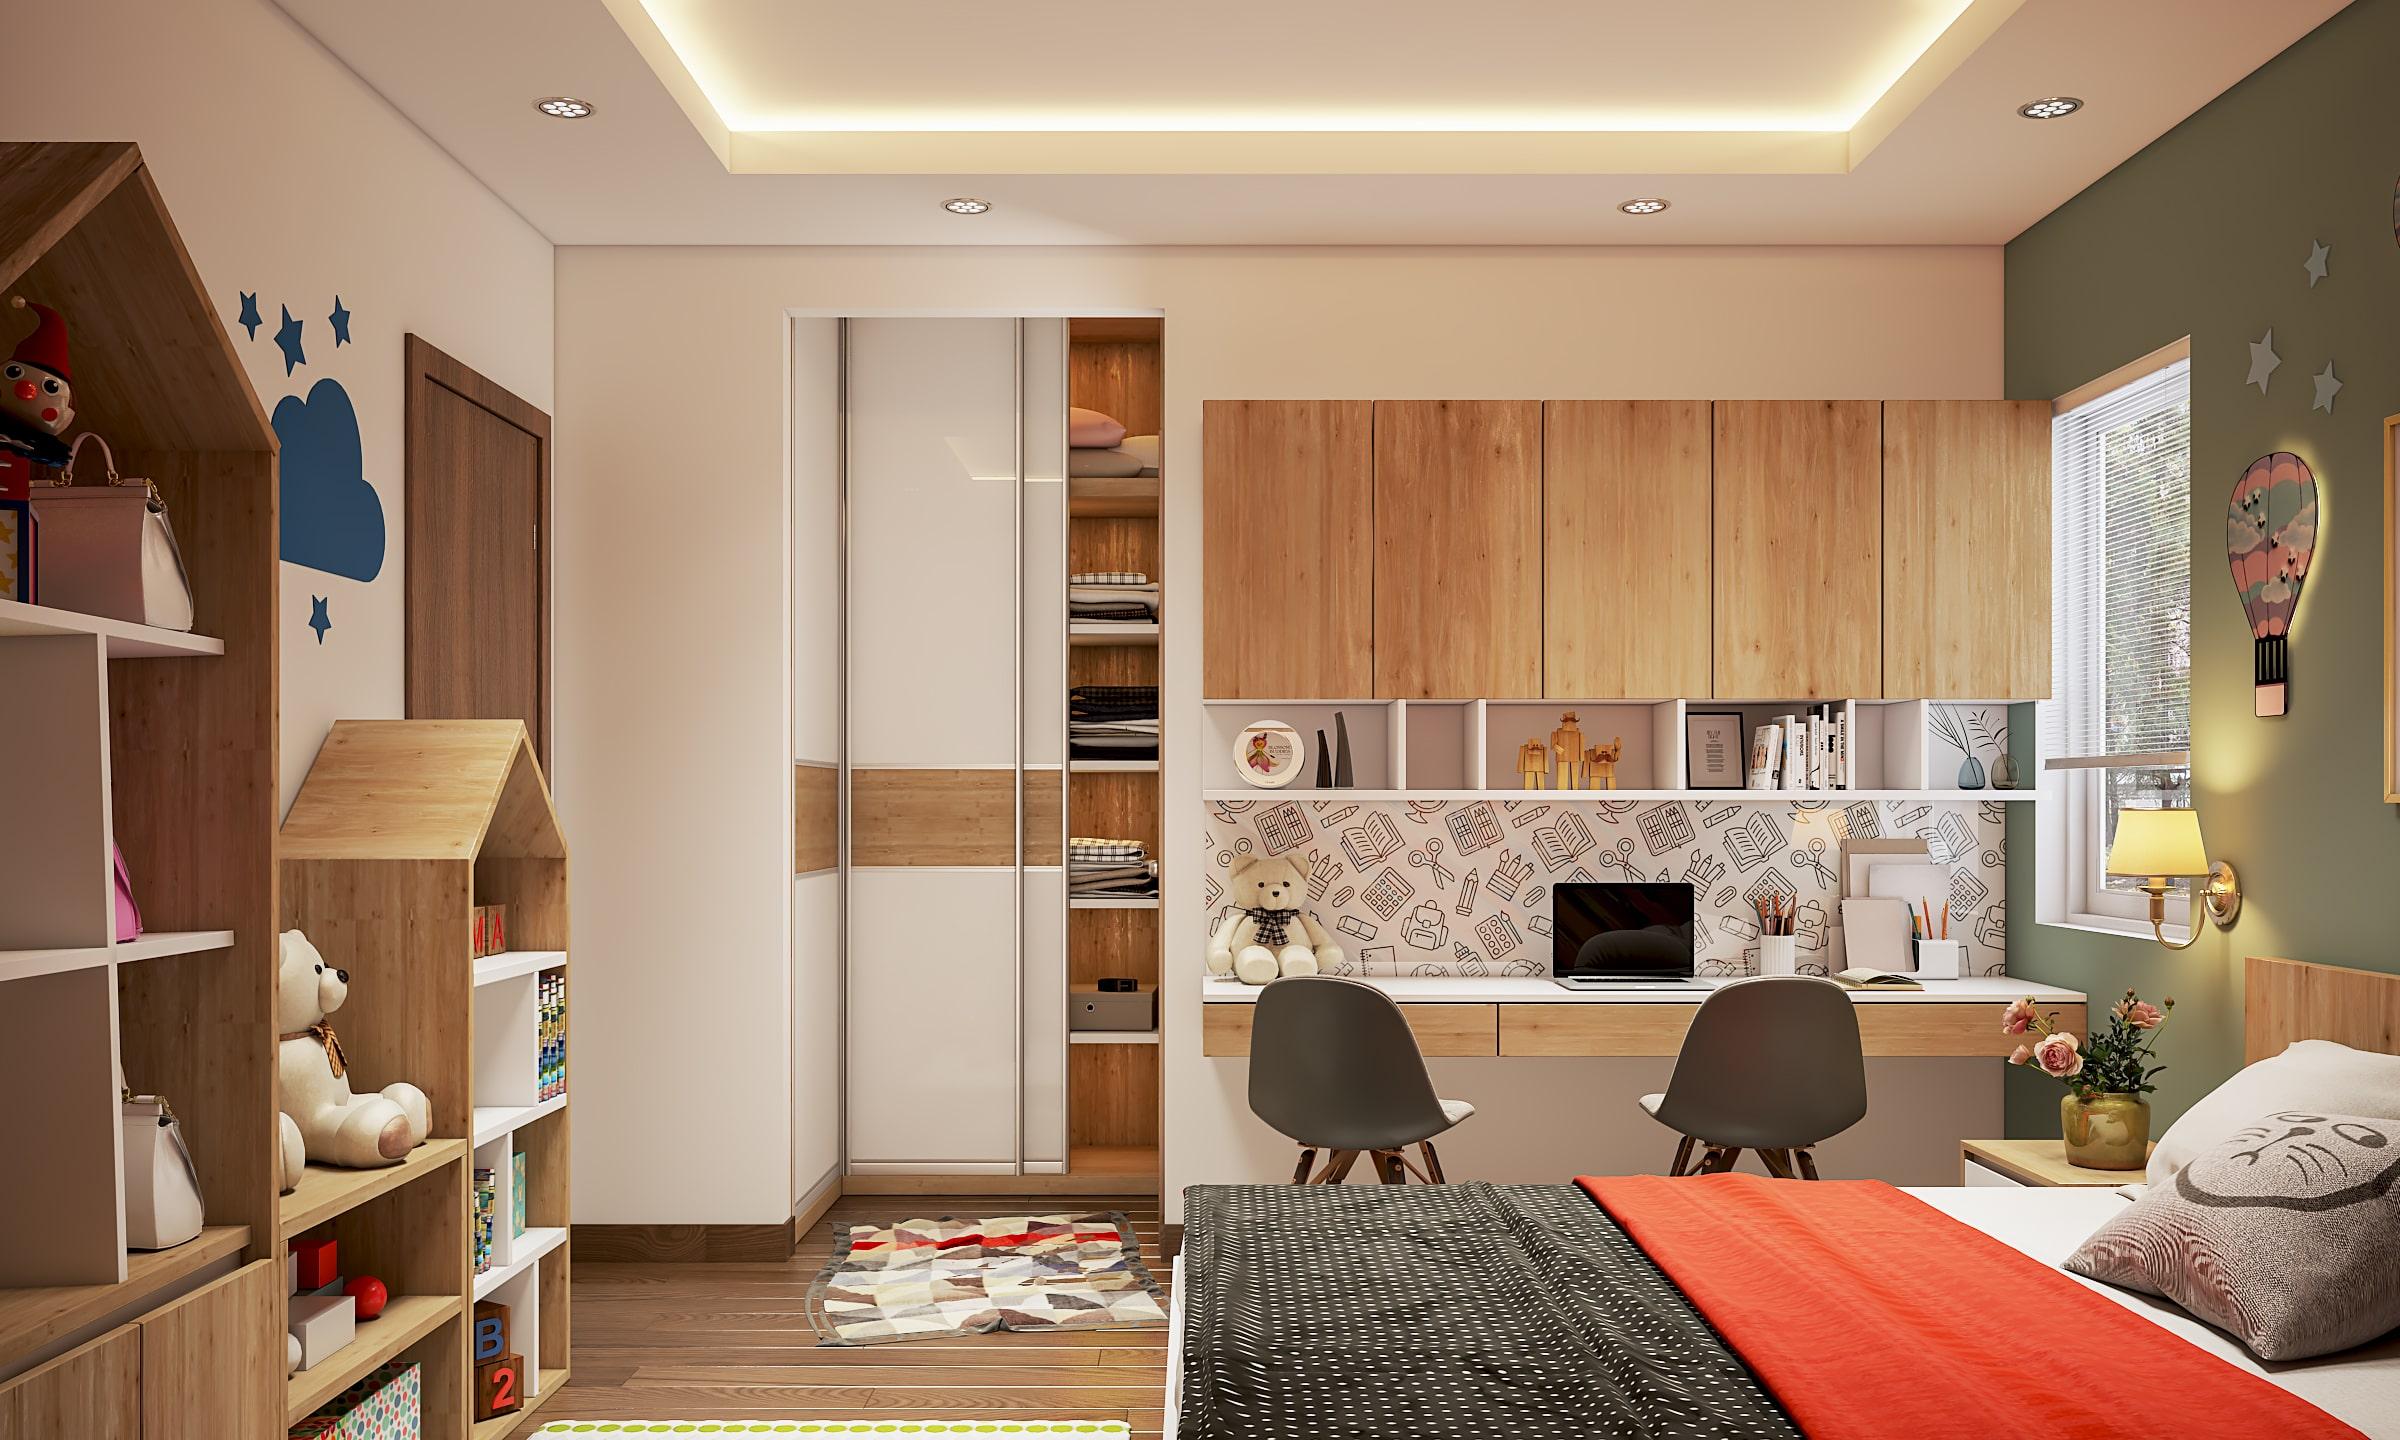 thiet-ke-noi-that-phong-ngu-can-ho-penthouse_03